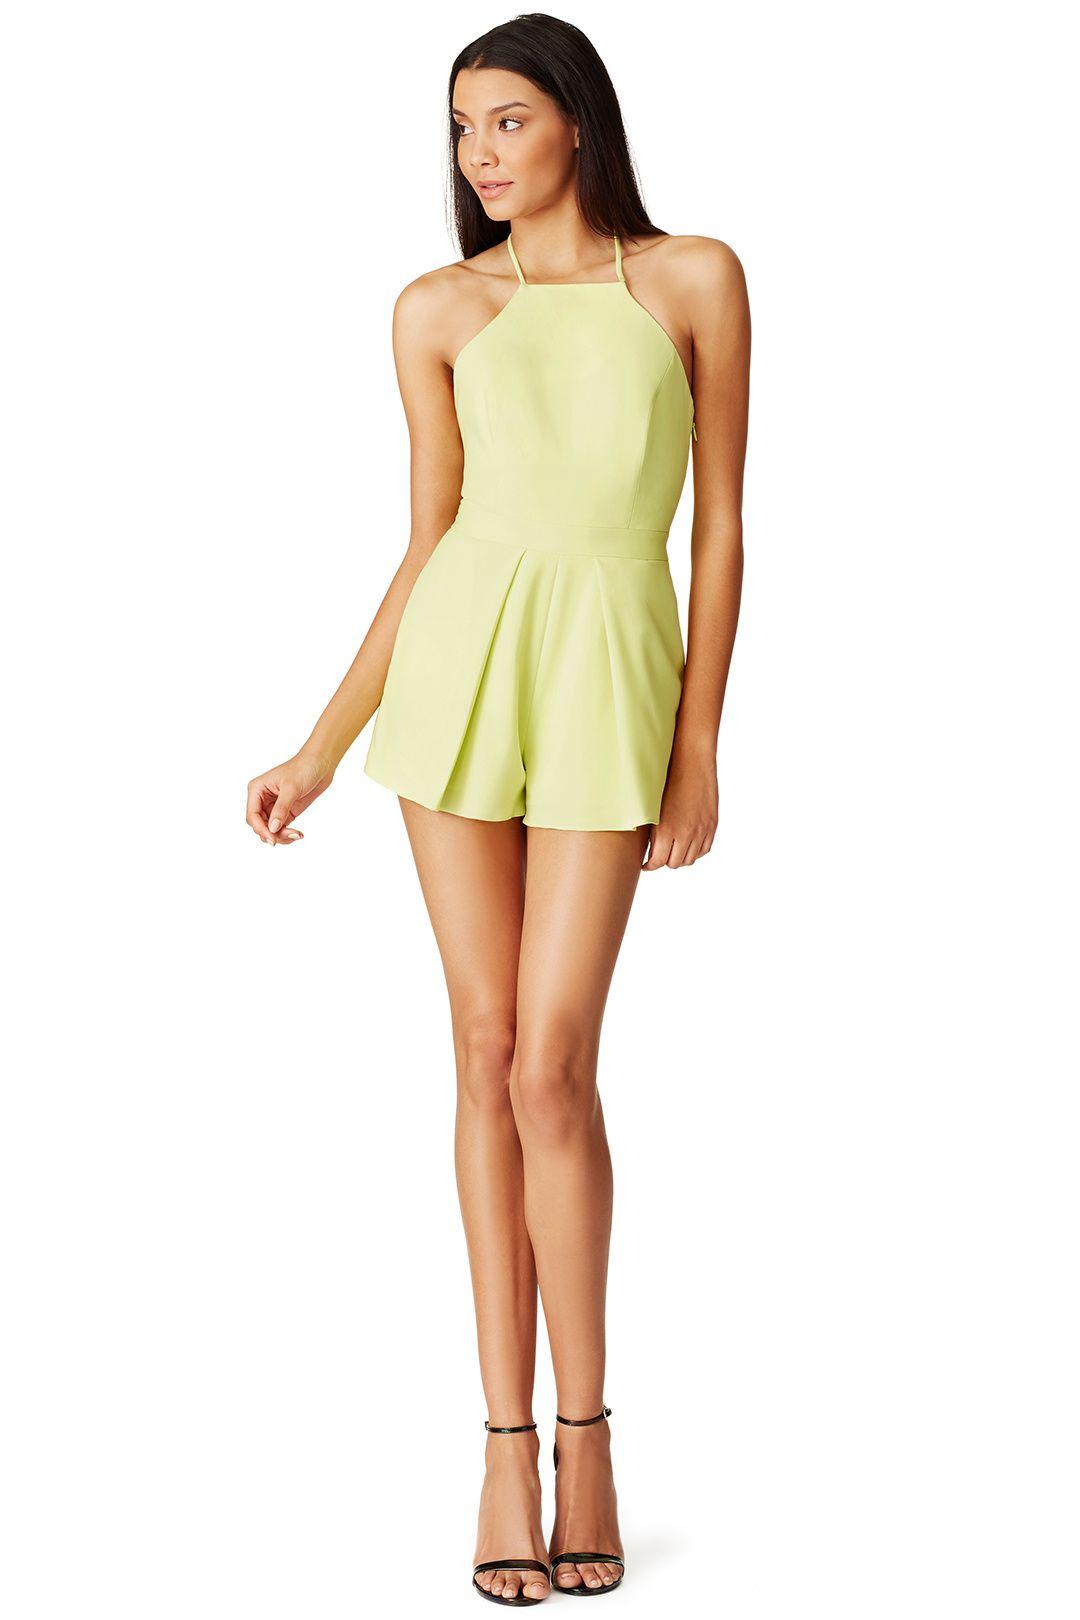 Jay Godfrey Oahu Shore Romper Simple Summer Dresses Rompers Clothes [ 1620 x 1080 Pixel ]